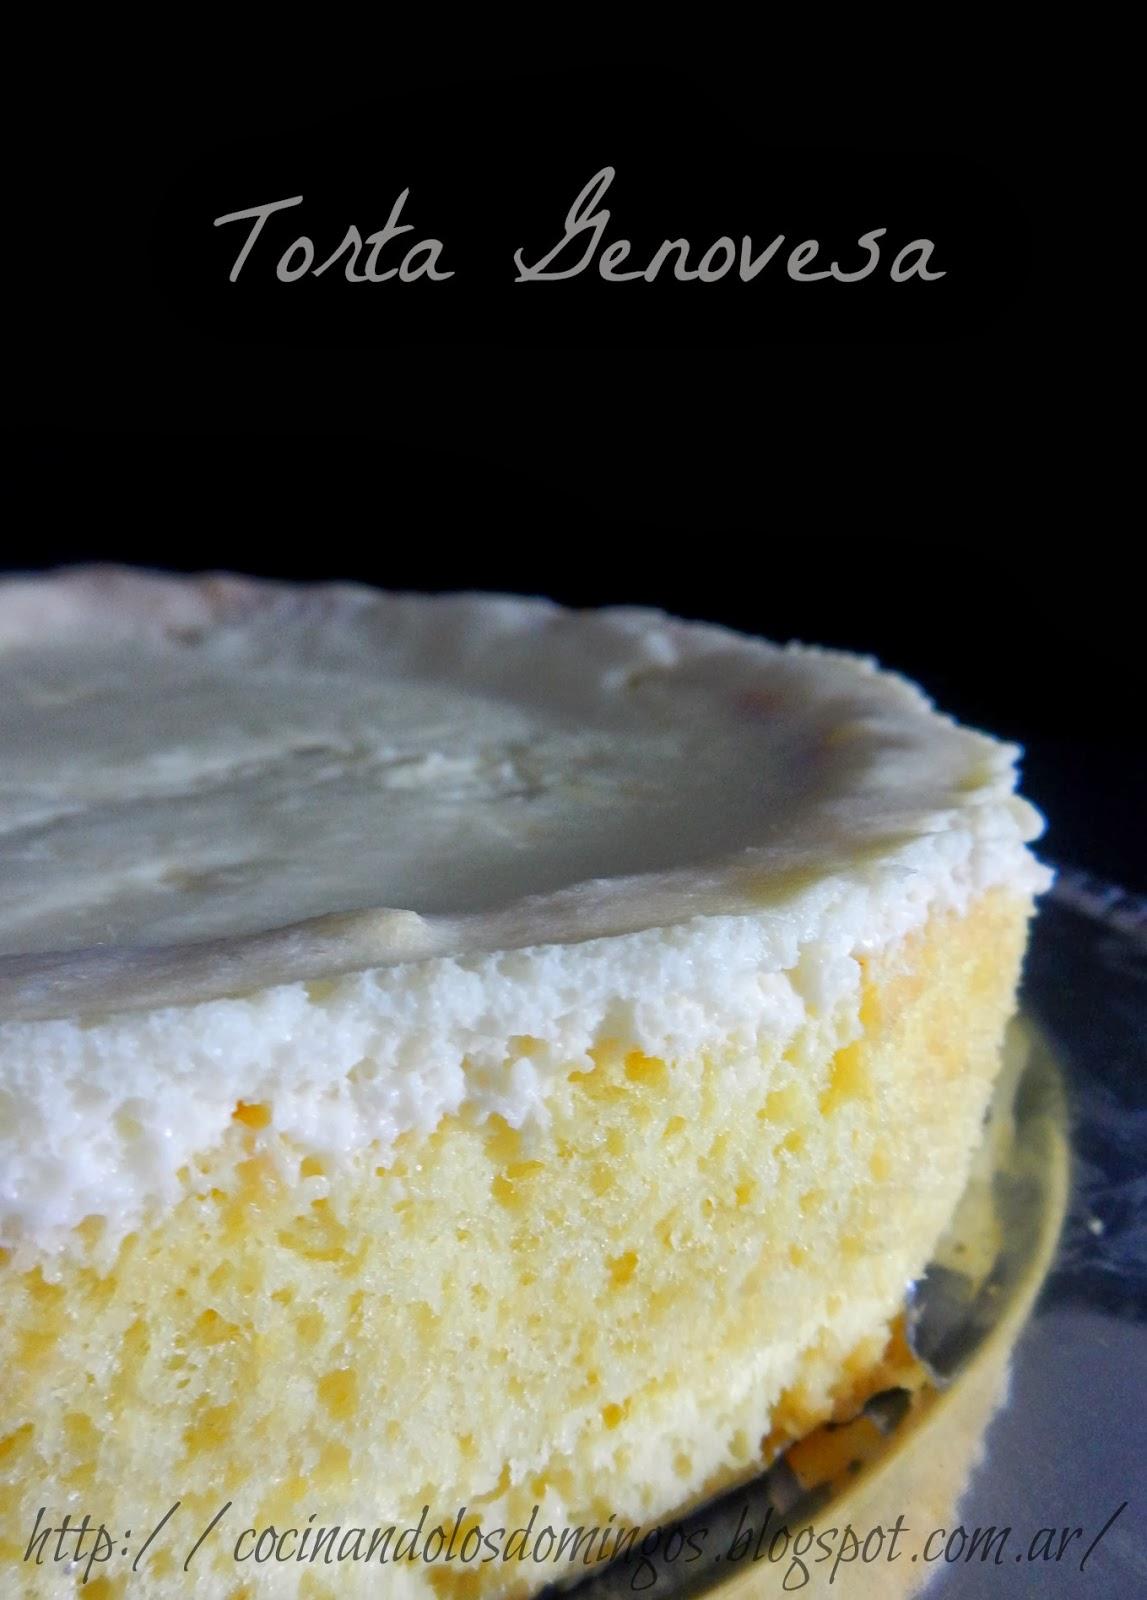 torta genovesa tres leches